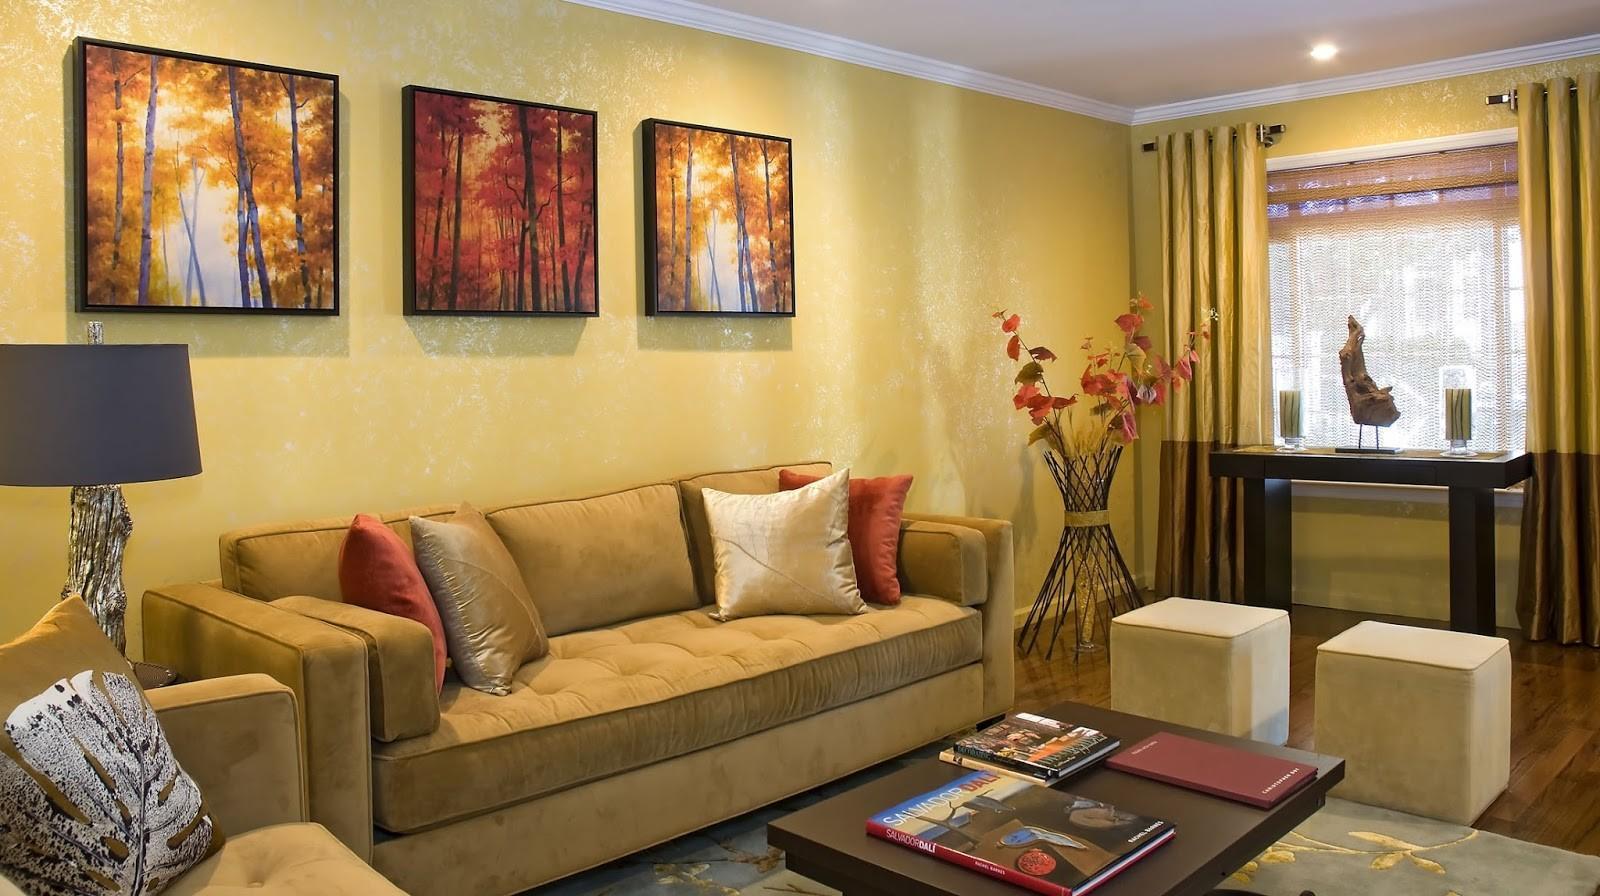 Khi sơn nhà với gam màu vàng, gia chủ sẽ có tinh thần tốt, lạc quan, yêu đời